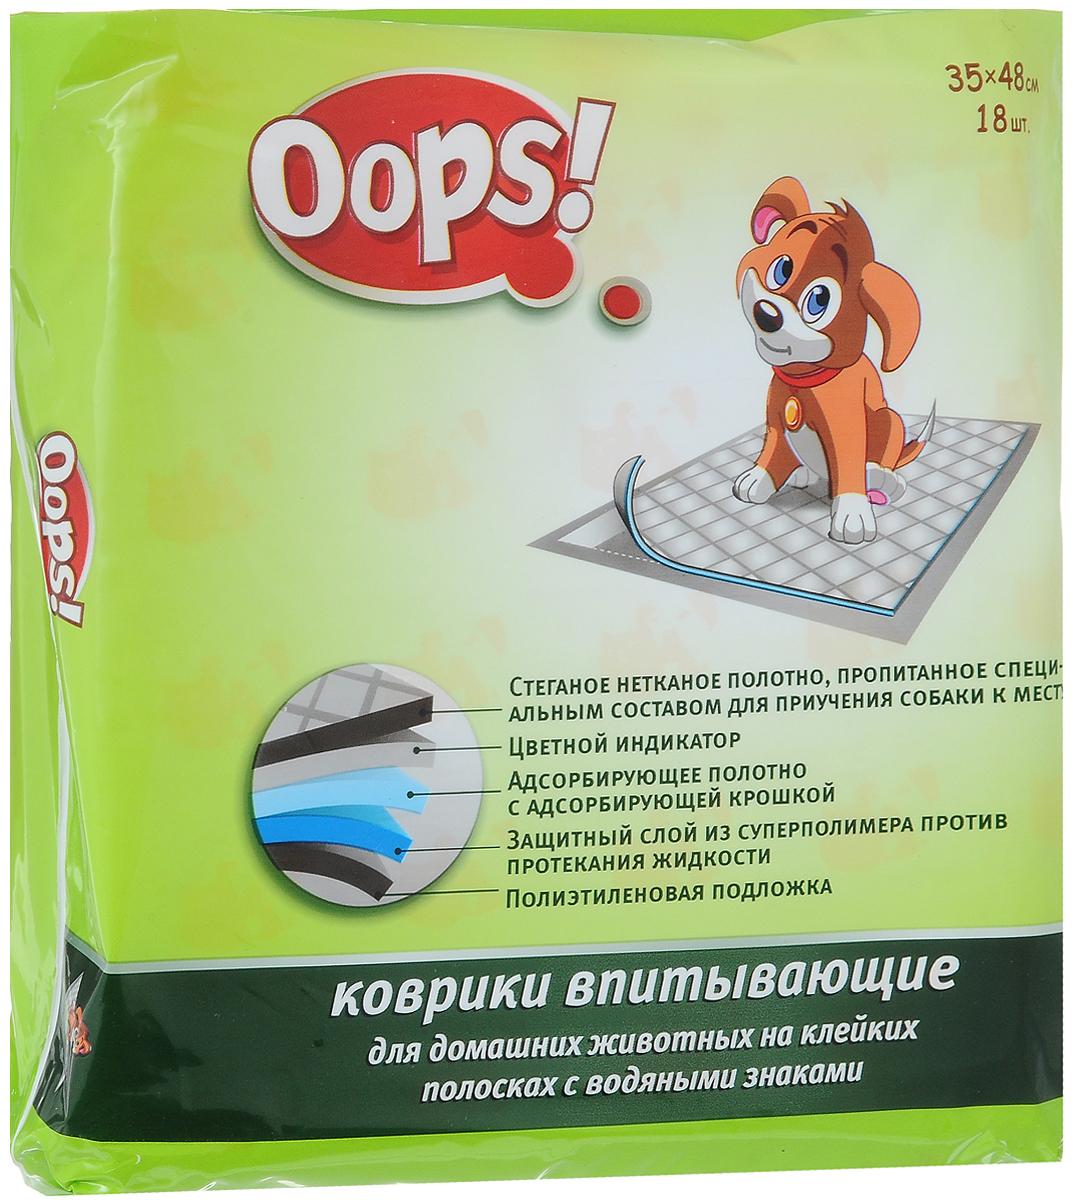 Коврики для домашних животных OOPS!, впитывающие, на клейких полосках, 35 х 48 см, 18 шт3654Впитывающие коврики OOPS! с адсорбирующим суперполимером для щенков и взрослых собак всех пород и размеров. При производстве ковриков используется Sumitomo - японский материал с лучшей в мире впитывающей способностью. Коврики OOPS! имеют клейкие полоски, с помощью которых коврик можно закрепить на любой поверхности. Вам просто нужно убрать бумажные полоски с пластикового покрытия и приклеить коврик туда, куда вам удобно. Специальная обработка ковриков OOPS! приучает собаку к месту, облегчает тренировку. Коврики OOPS! поглощают влагу и неприятные запахи, надежно удерживая внутри коврика, не выпуская наружу. Предохраняют поли мебель от царапин и шерсти. Незаменимы в период лактации, в первый месяц жизни щенков, при специфических заболеваниях, в поездках, выставках и на приеме у ветеринарного доктора. Состав: целлюлоза, впитывающий суперполимер, нетканое полотно, полиэтилен, цветной индикатор.